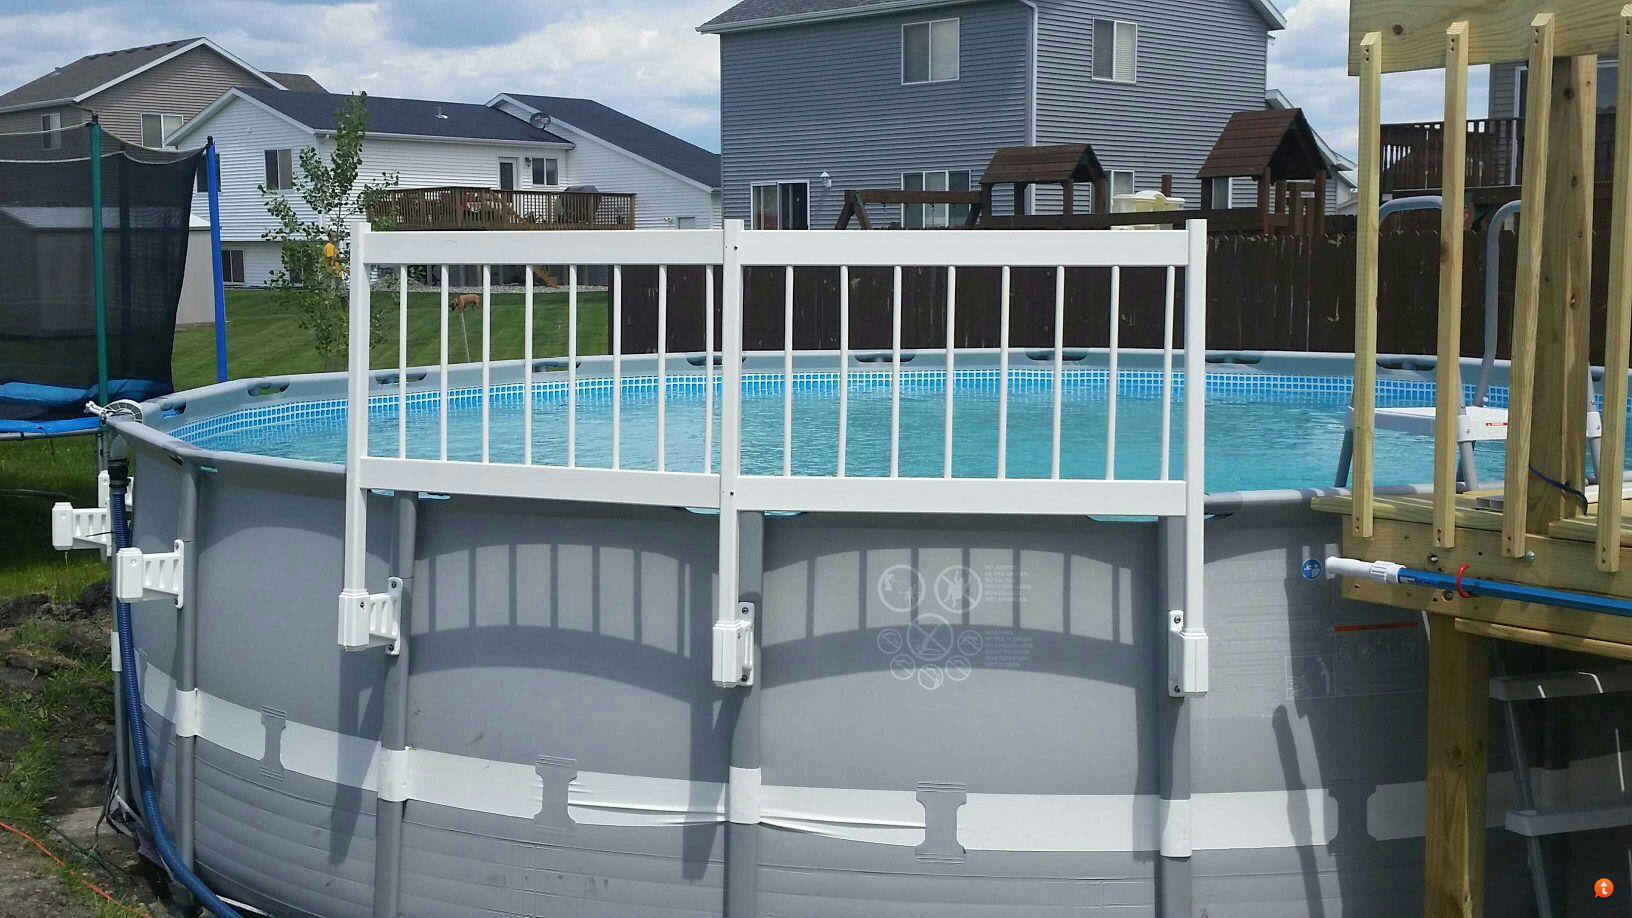 """Intex Pool Fence viynylworks 24"""" safety fence install"""